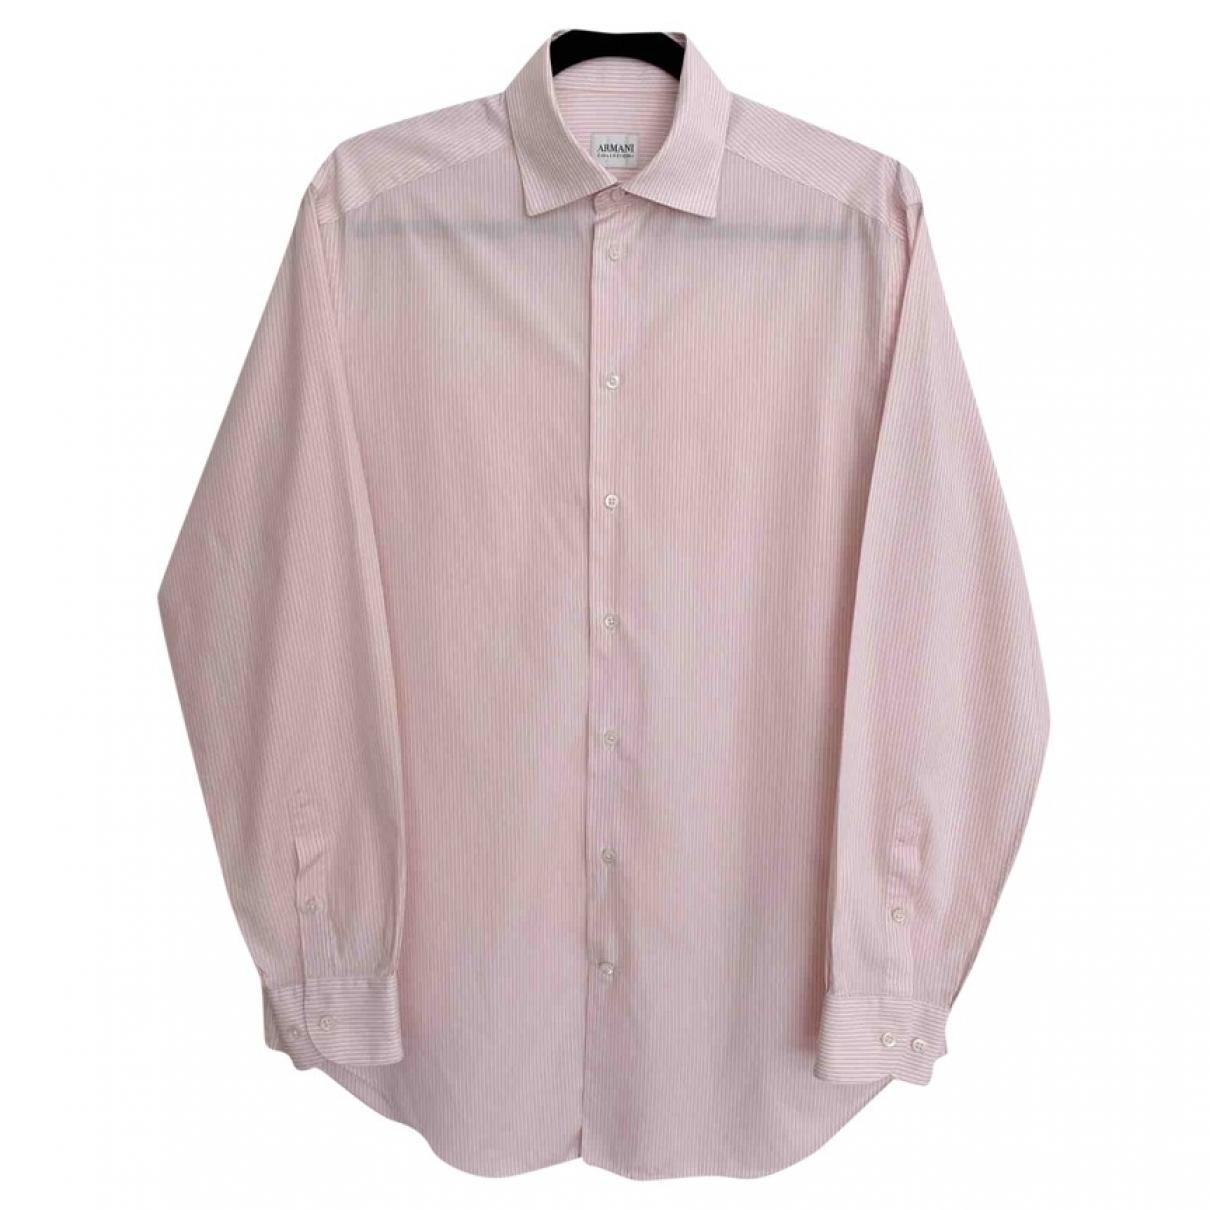 Armani Collezioni - Chemises   pour homme en coton - rose